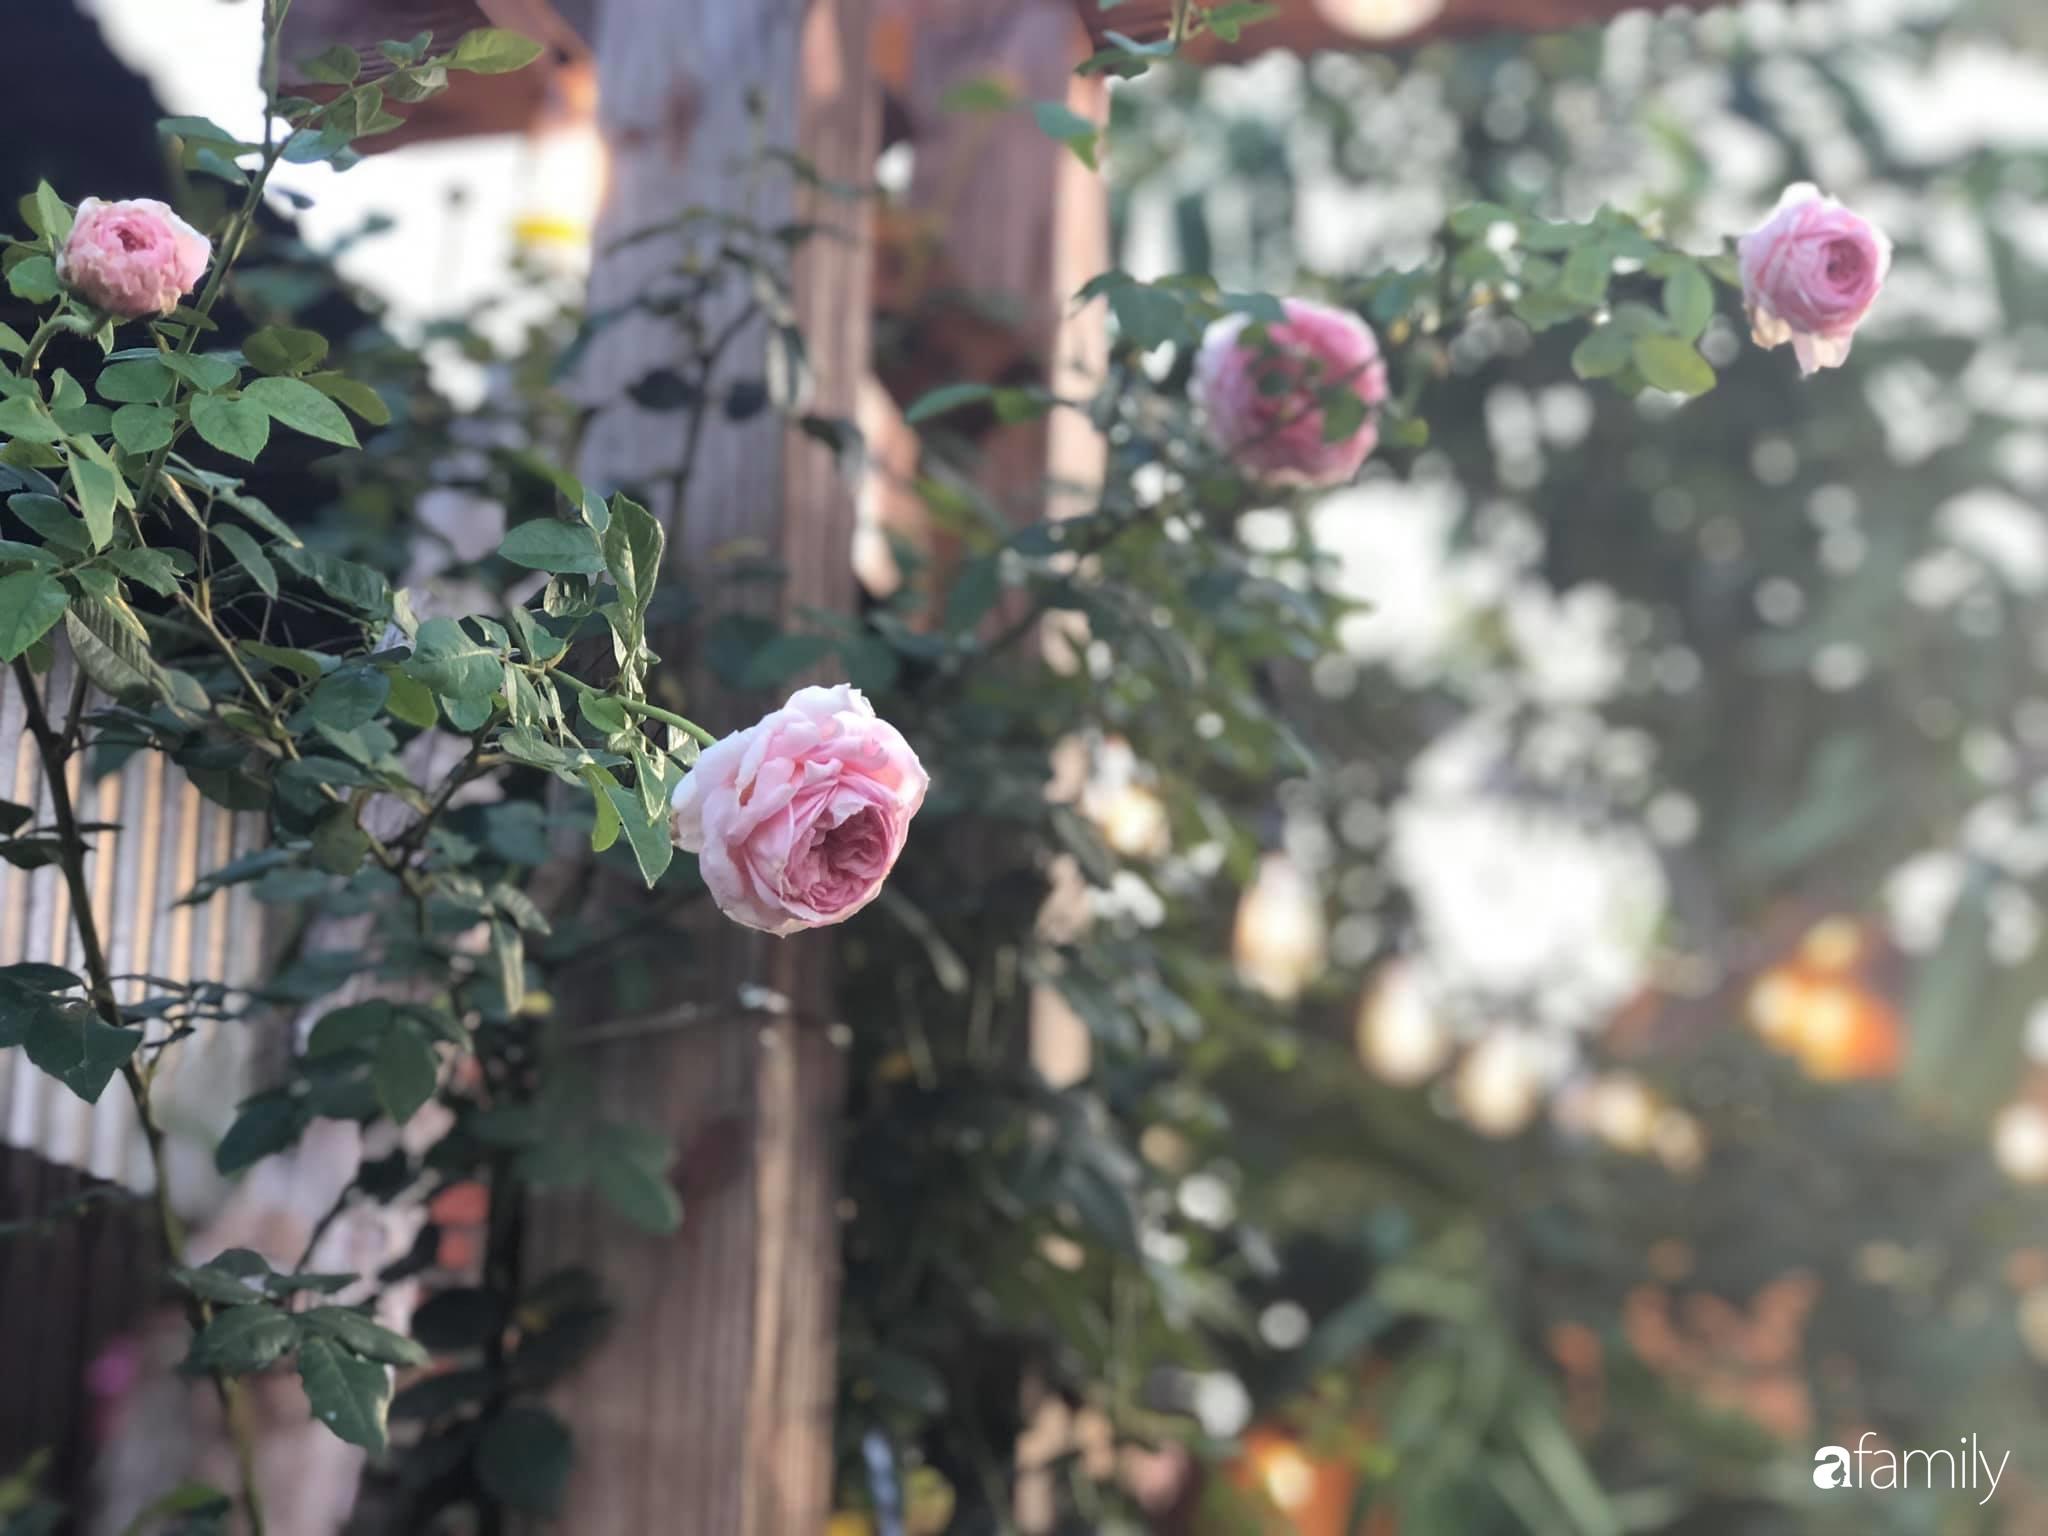 Khu vườn hoa hồng đẹp như cổ tích mà người chồng ngày đêm chăm sóc để tặng vợ con ở Vũng Tàu-15